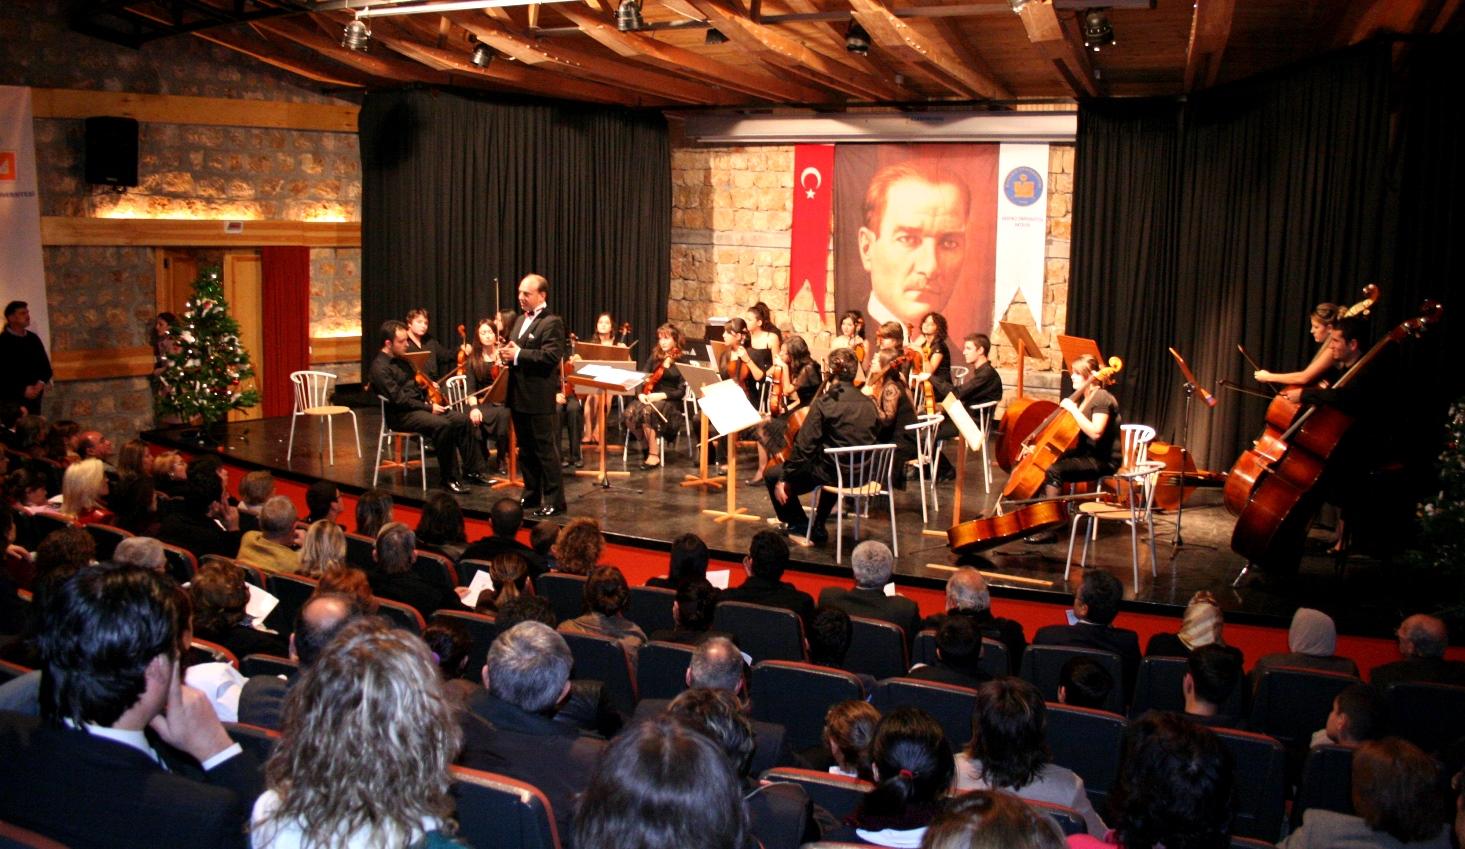 Antalya DK Orkestrası Yeni Yıl Konseri 2007, Olbia Kültür Merkezi